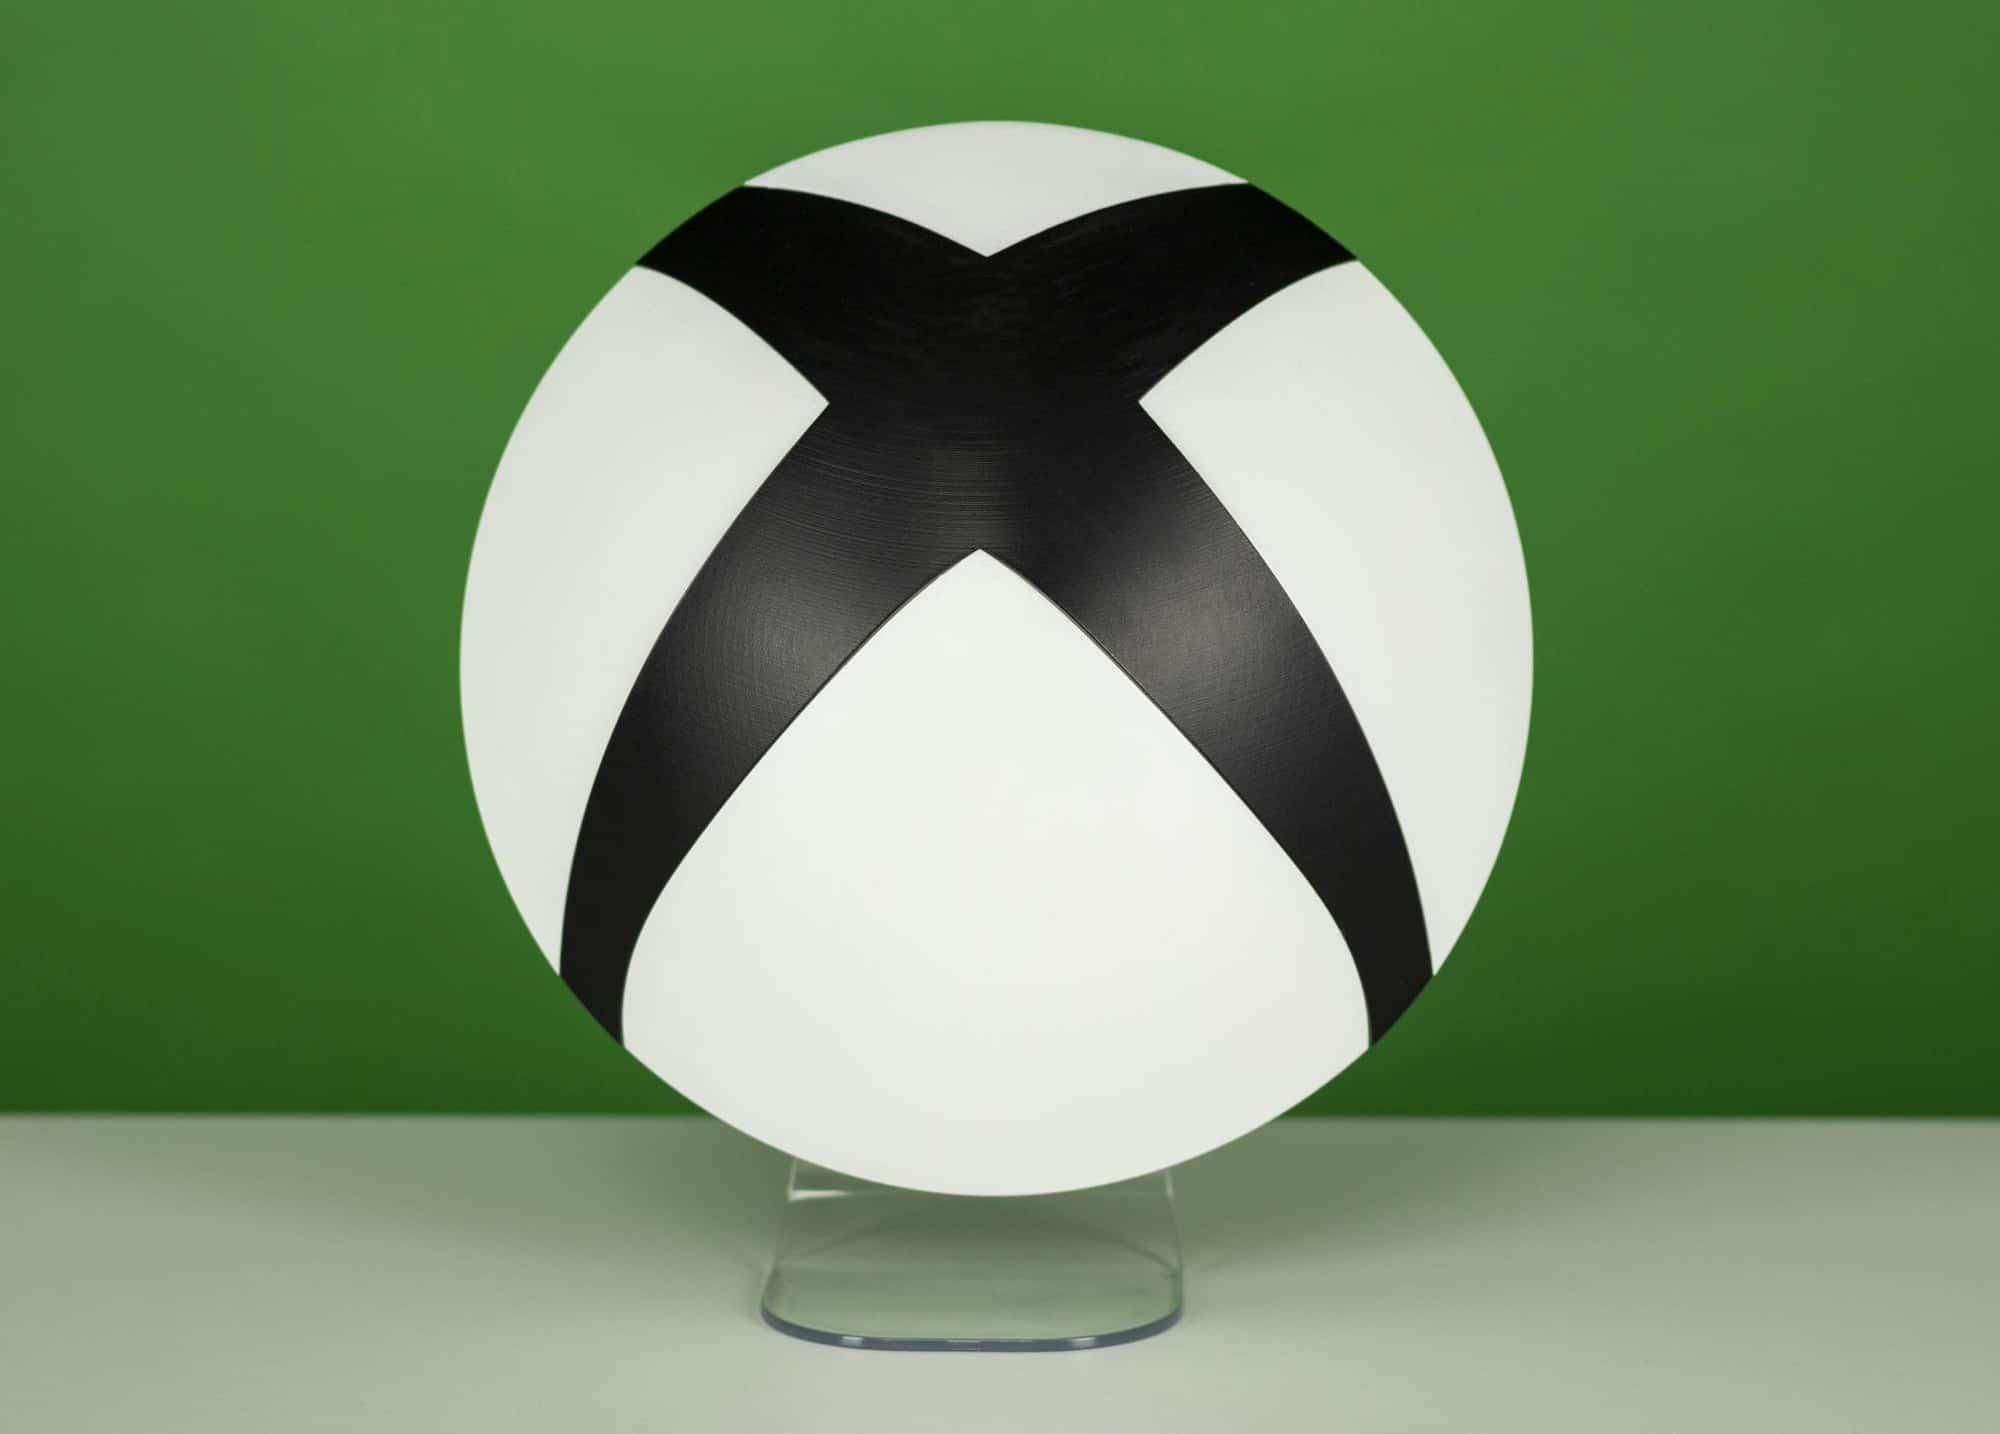 Xbox-Logo Lampe: Bringt Gamer-Licht in euer Schlafzimmer